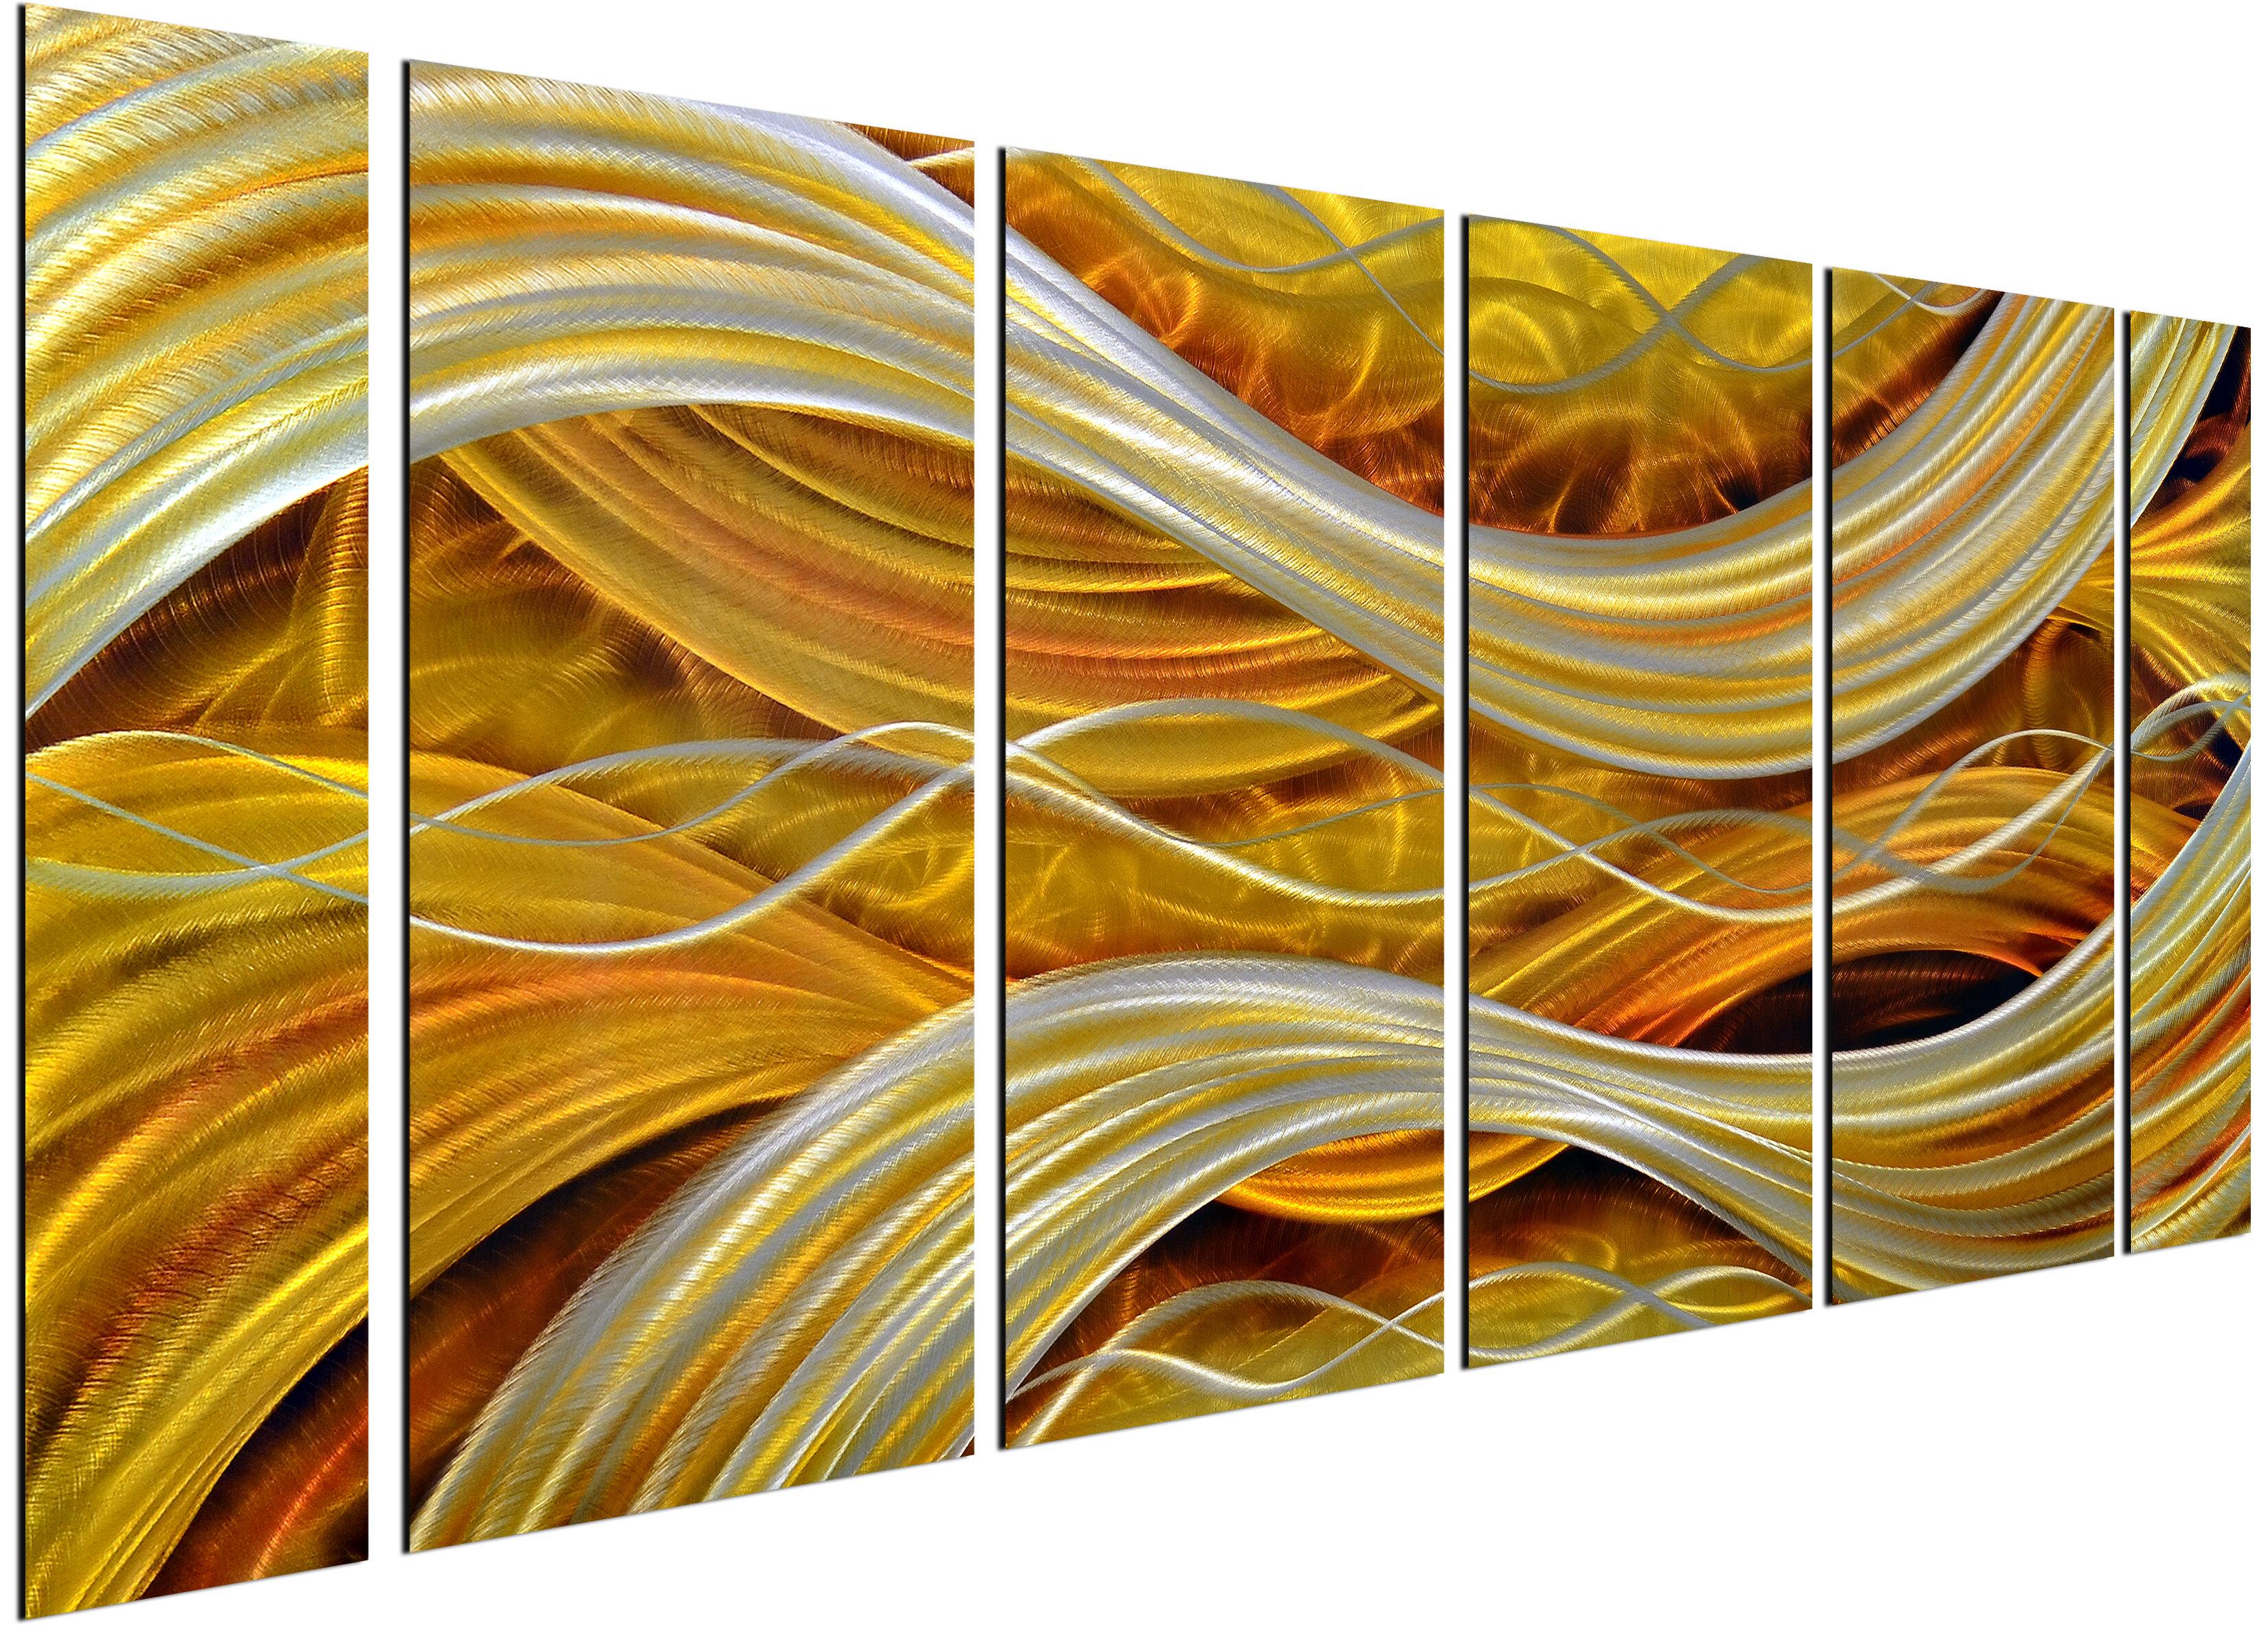 Omax Decor 6 Piece Golden Interwoven Spirals Wall Décor Set ...